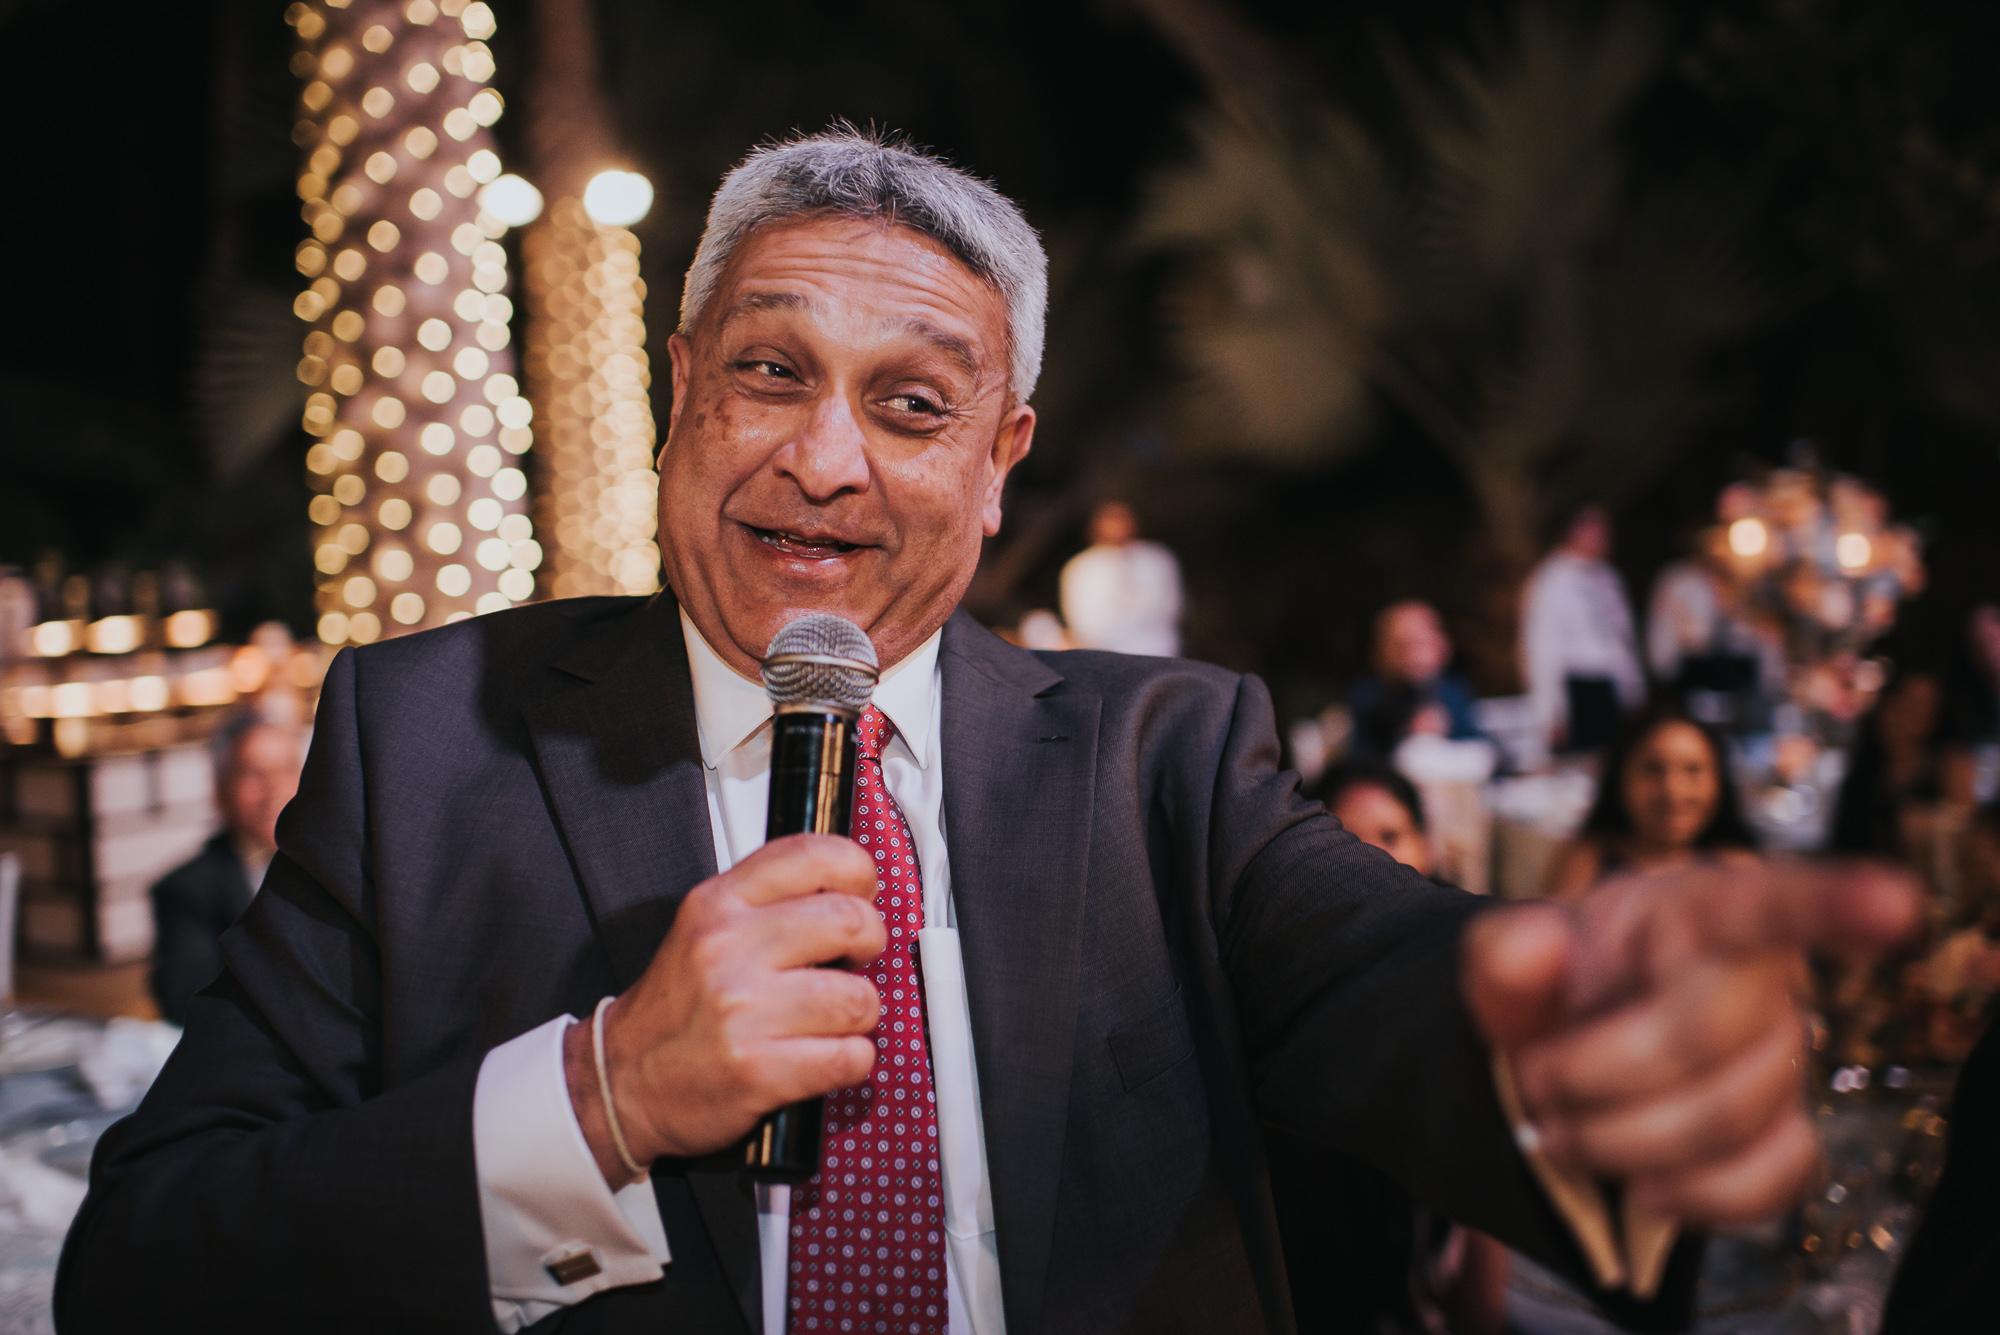 madinat jumeirah dubai wedding photographer  destination wedding photography (39 of 52).jpg